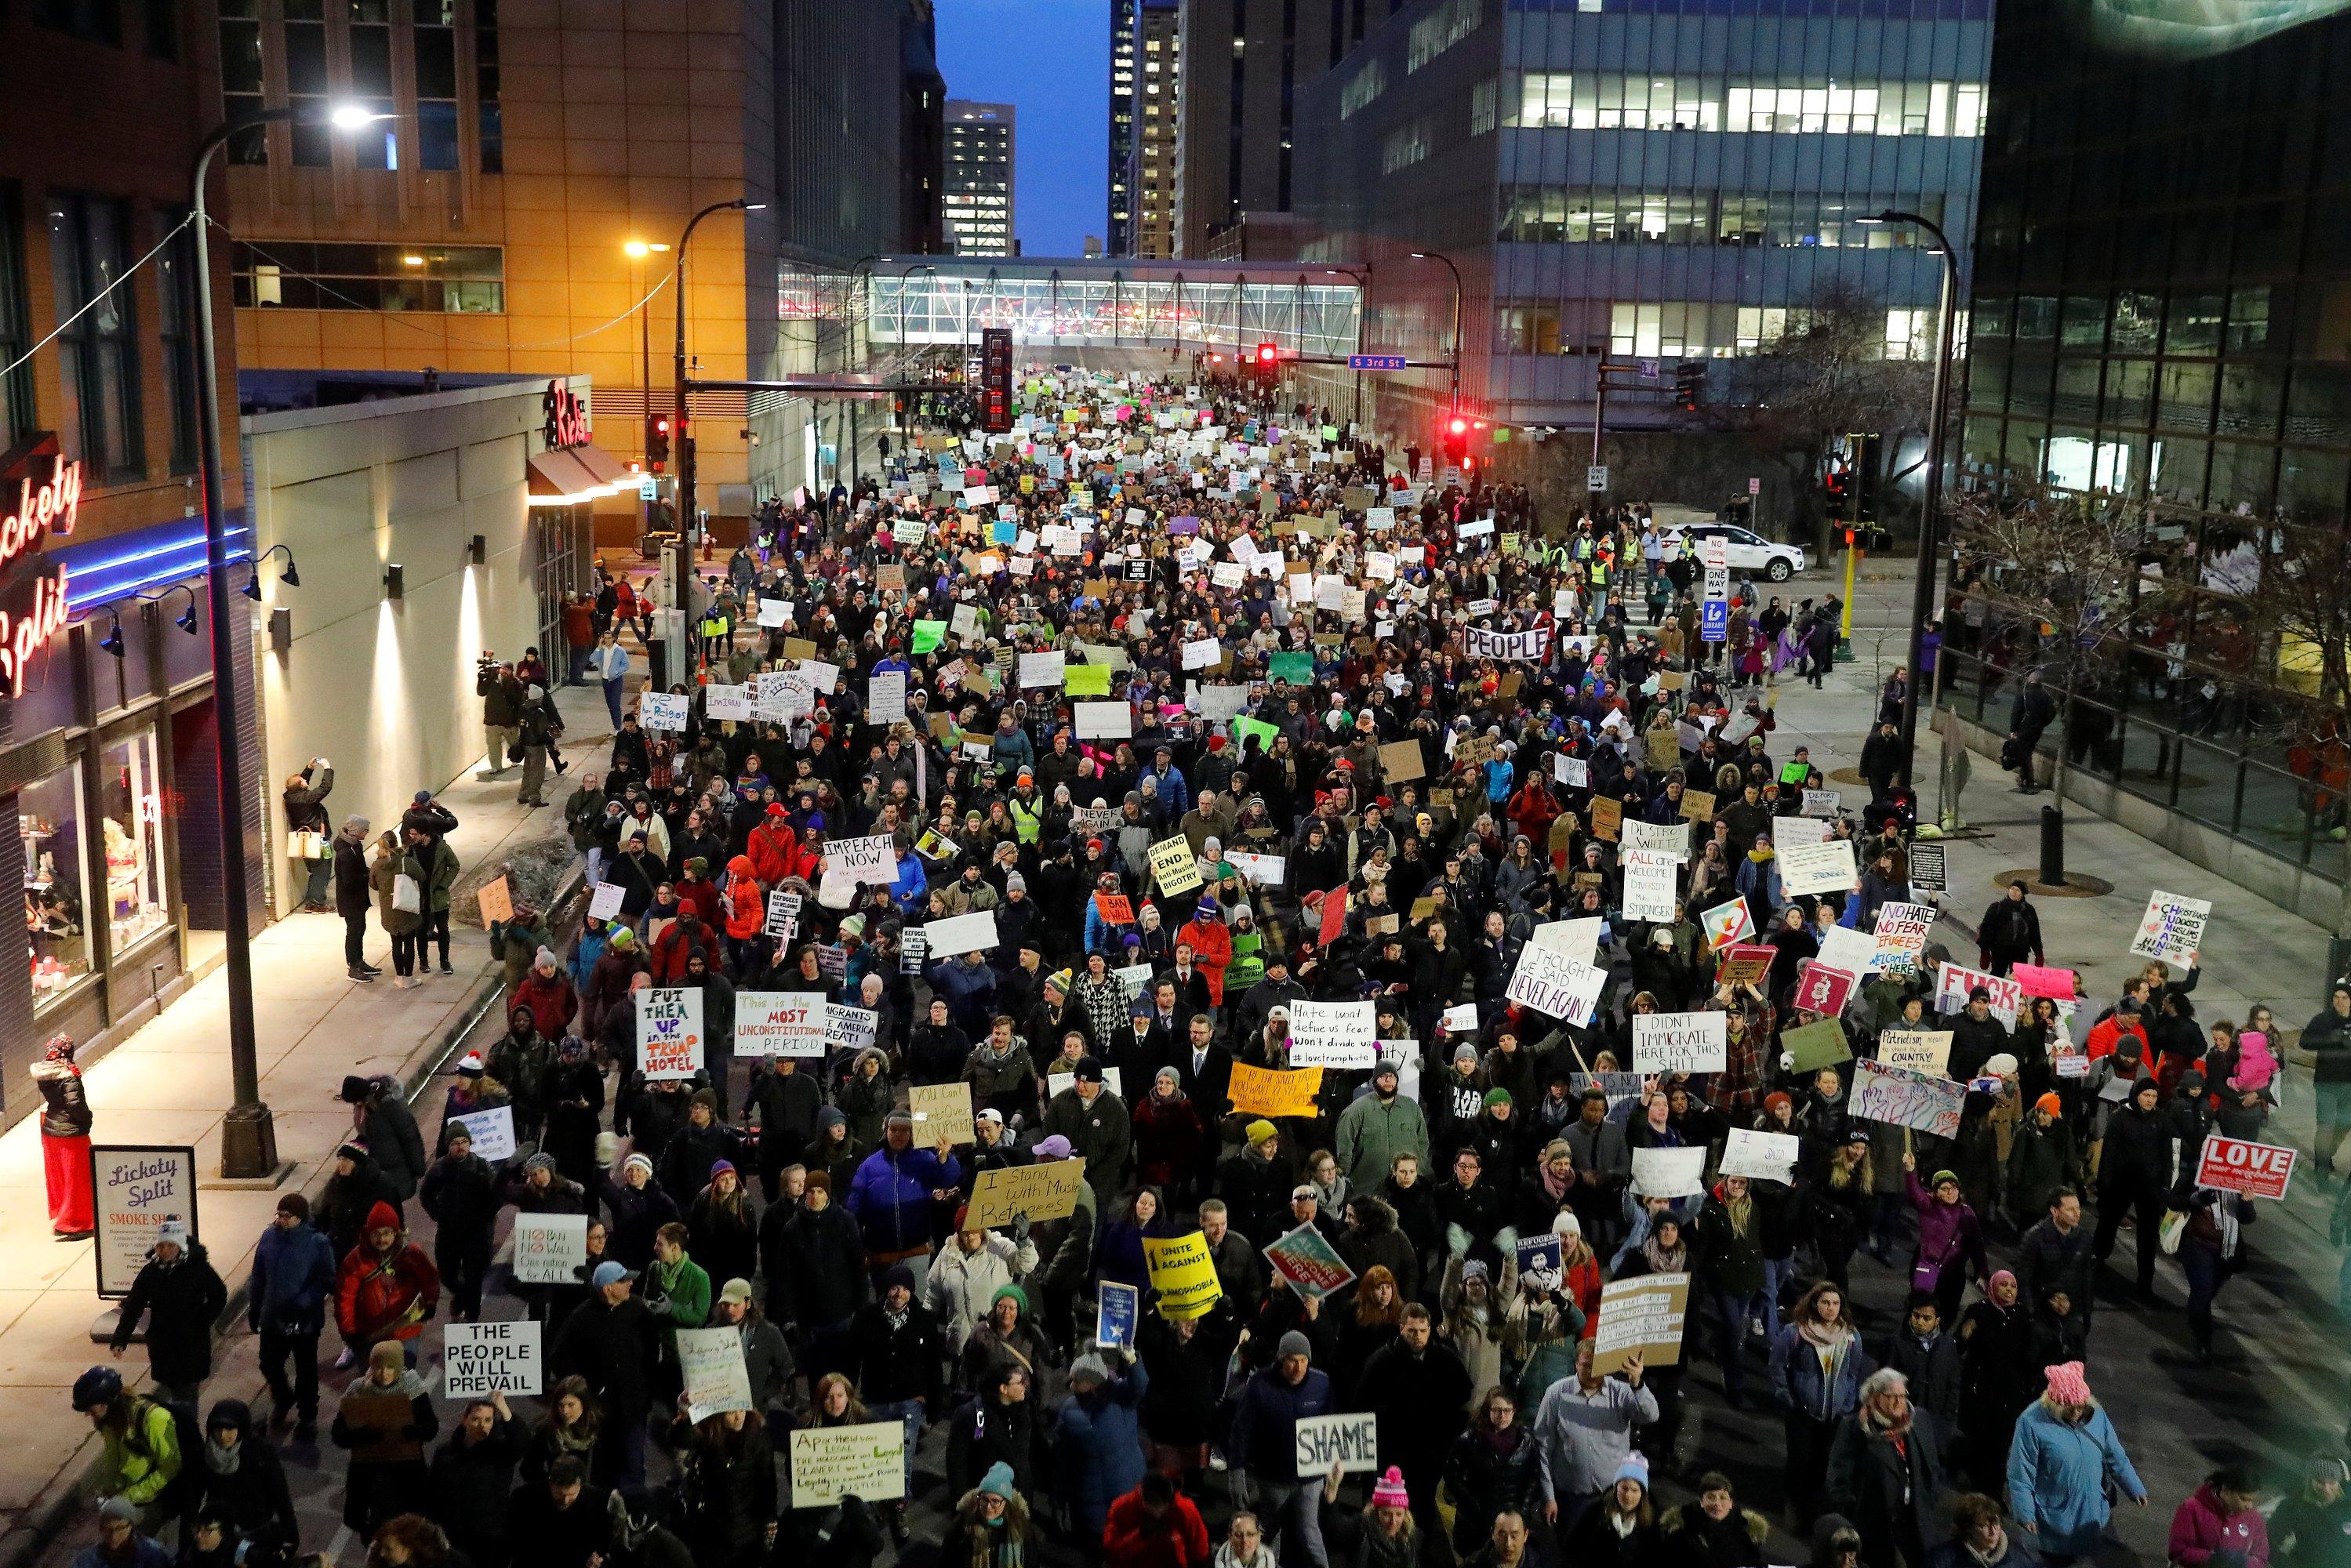 Warga berkumpul di luar Gedung Federal memprotes perintah eksekutif Presiden Amerika Serikat Donald Trump tentang larangan perjalanan di Minneapolis, Minnesota, Amerika Serikat, Selasa (31/1)